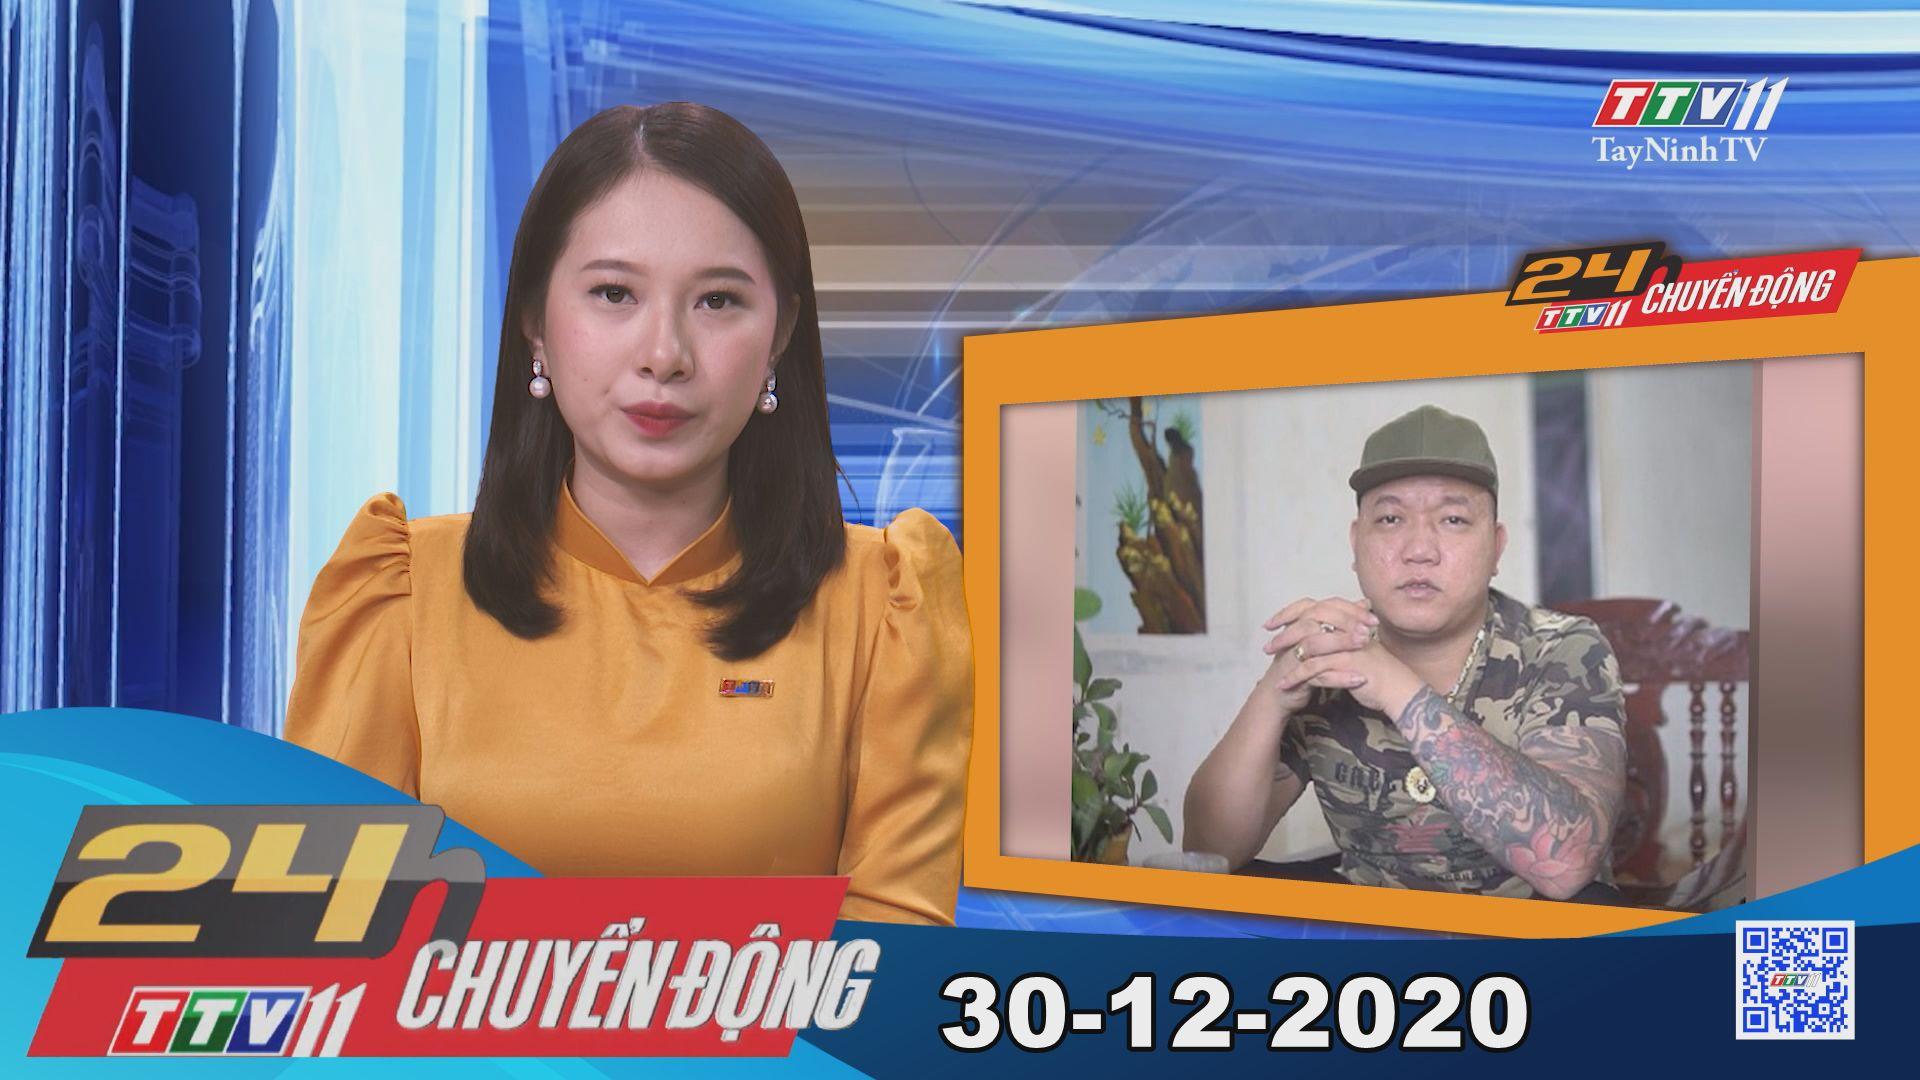 24h Chuyển động 30-12-2020 | Tin tức hôm nay | TayNinhTV